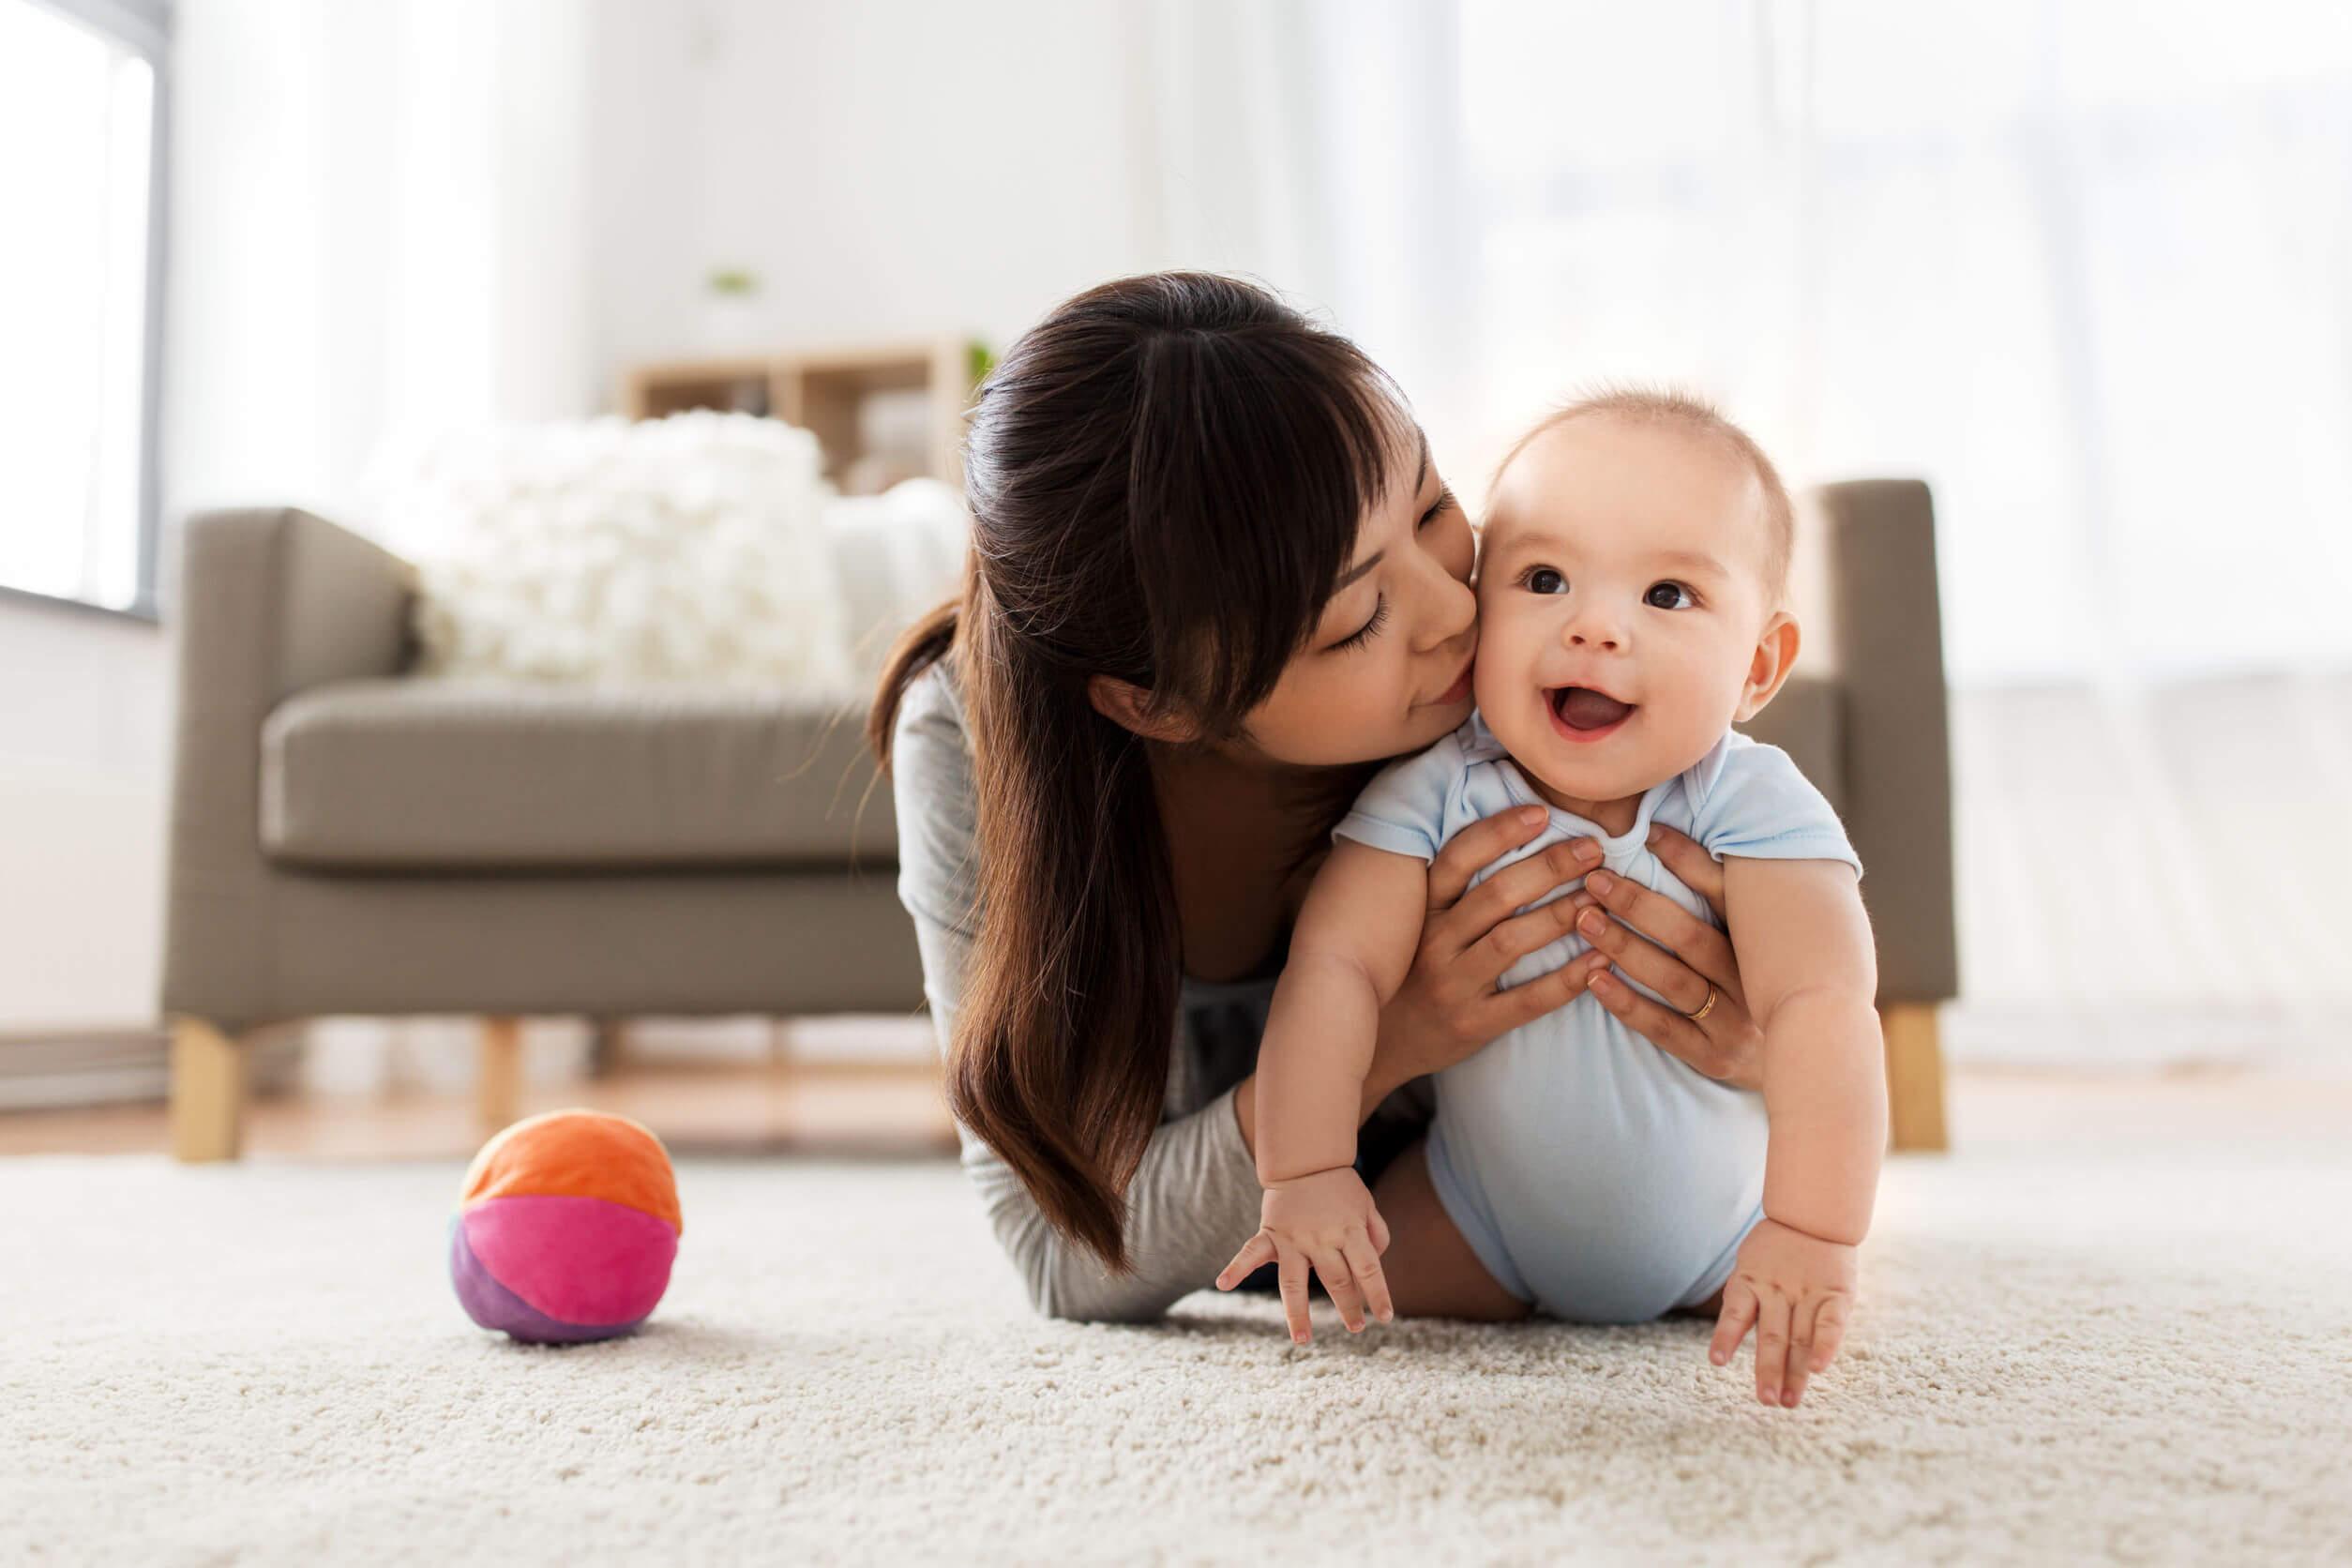 Madre con su bebé explorando el salón de casa.